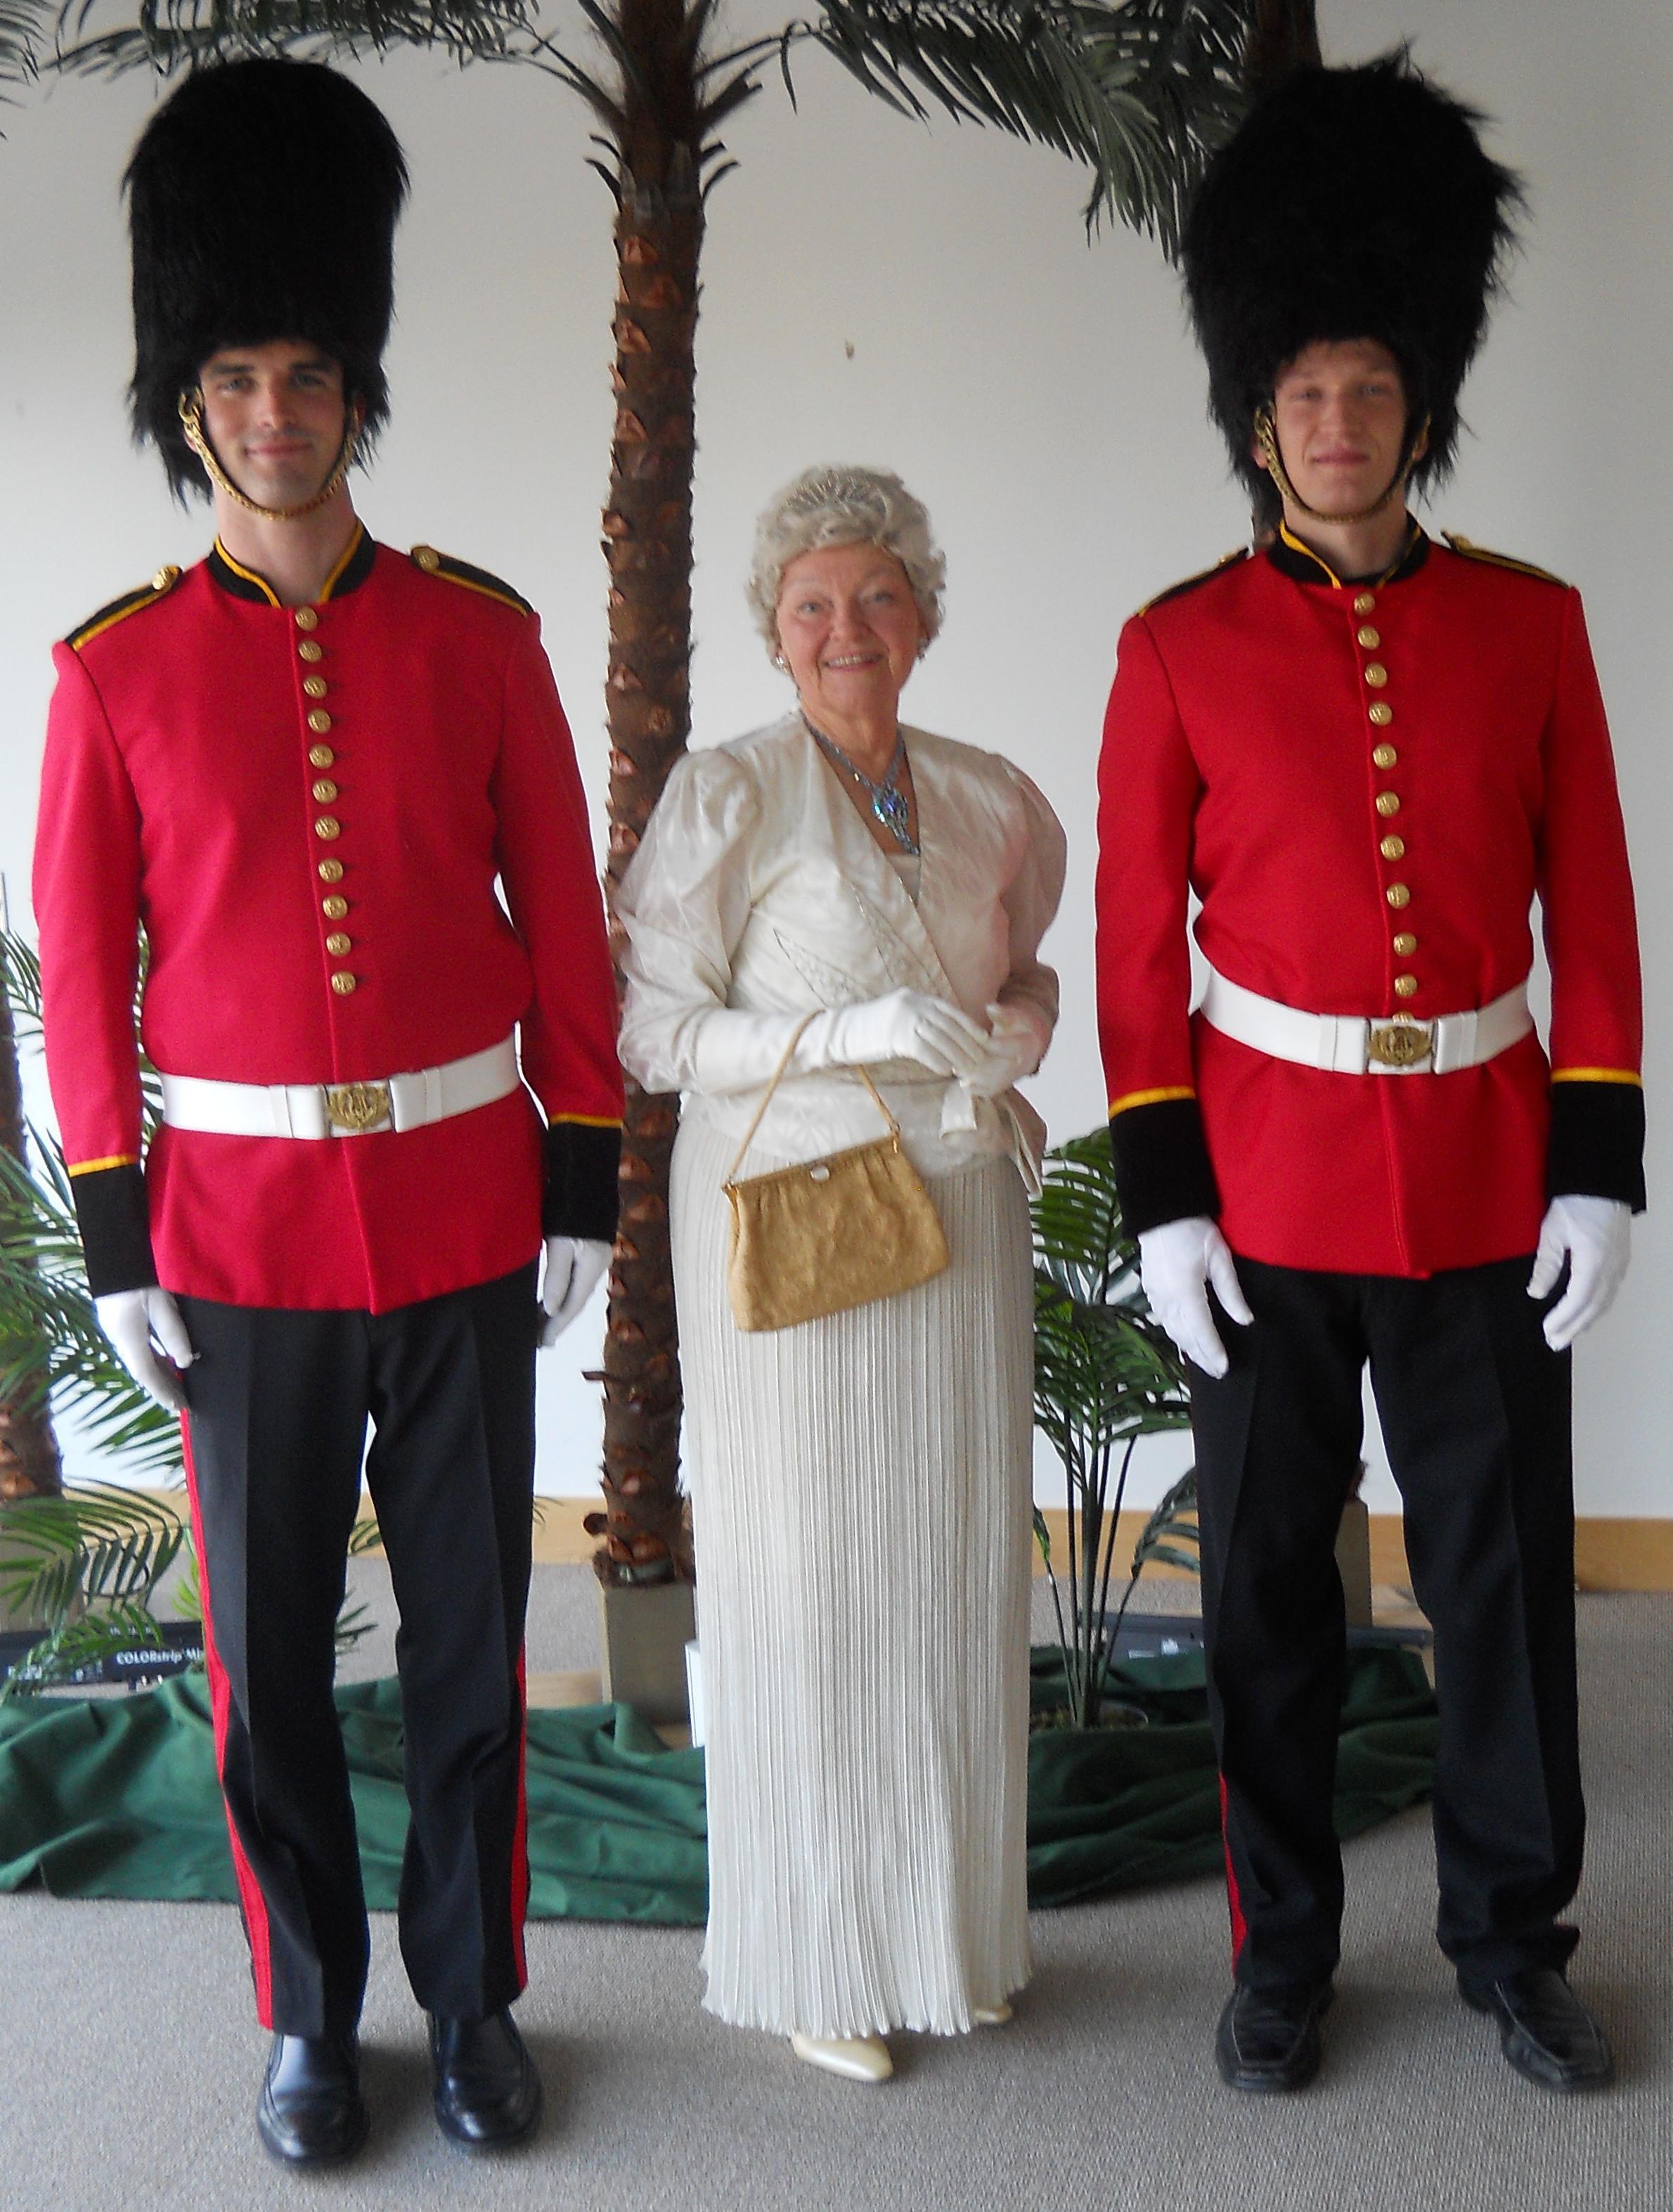 BuckinghamQueenGuards(3)